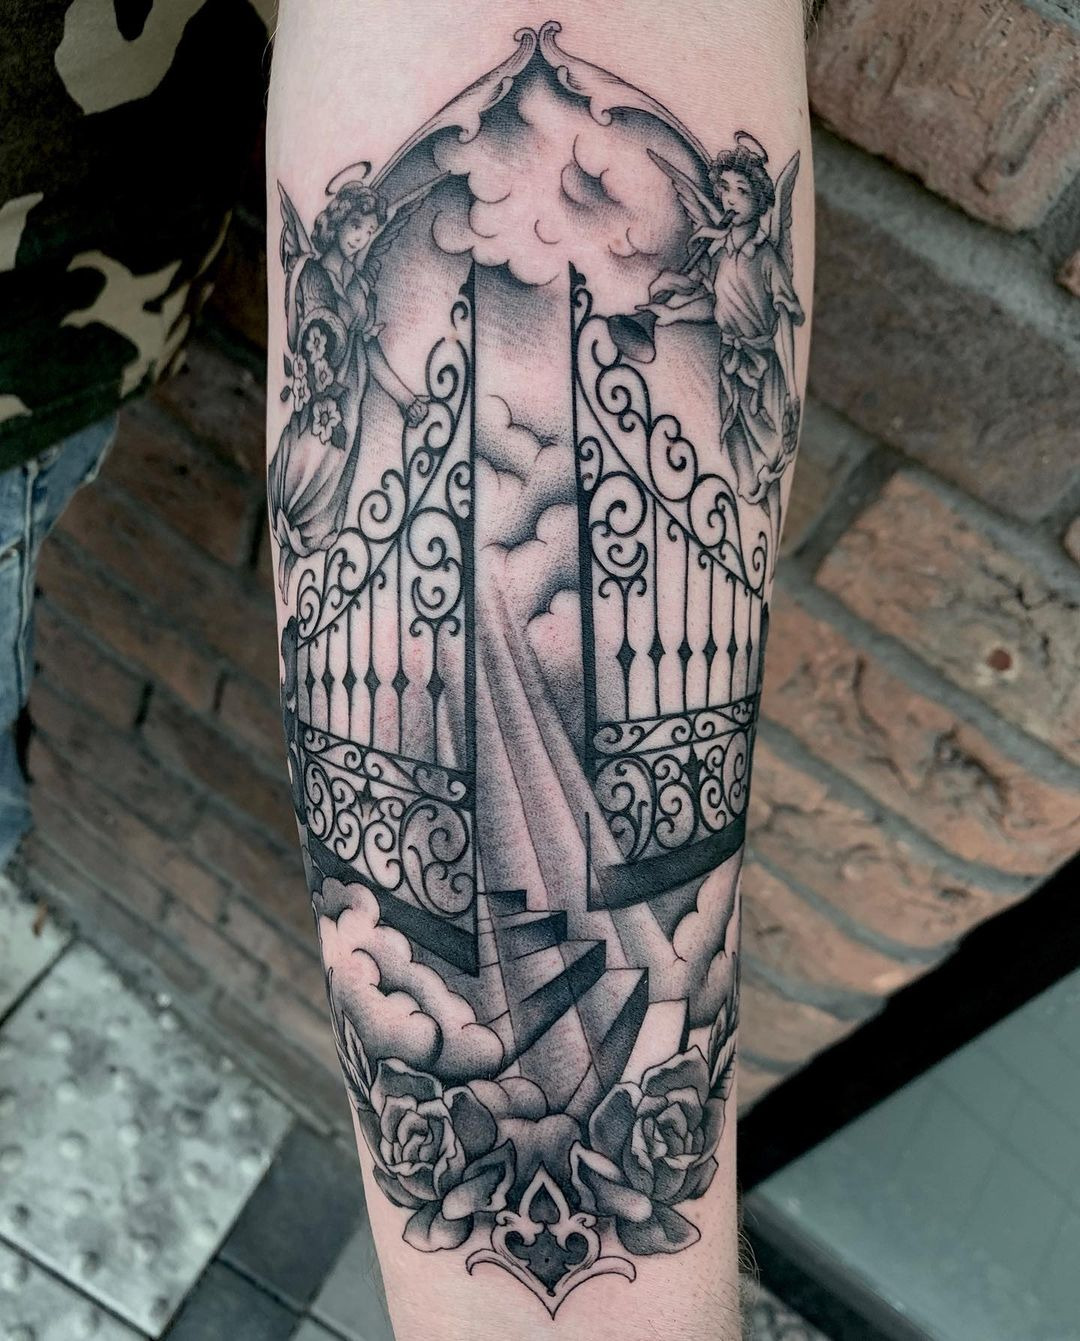 ür Termine November/ Dezember an:  matthias@zeitgeist-tattoo.com  Aktuell bin i